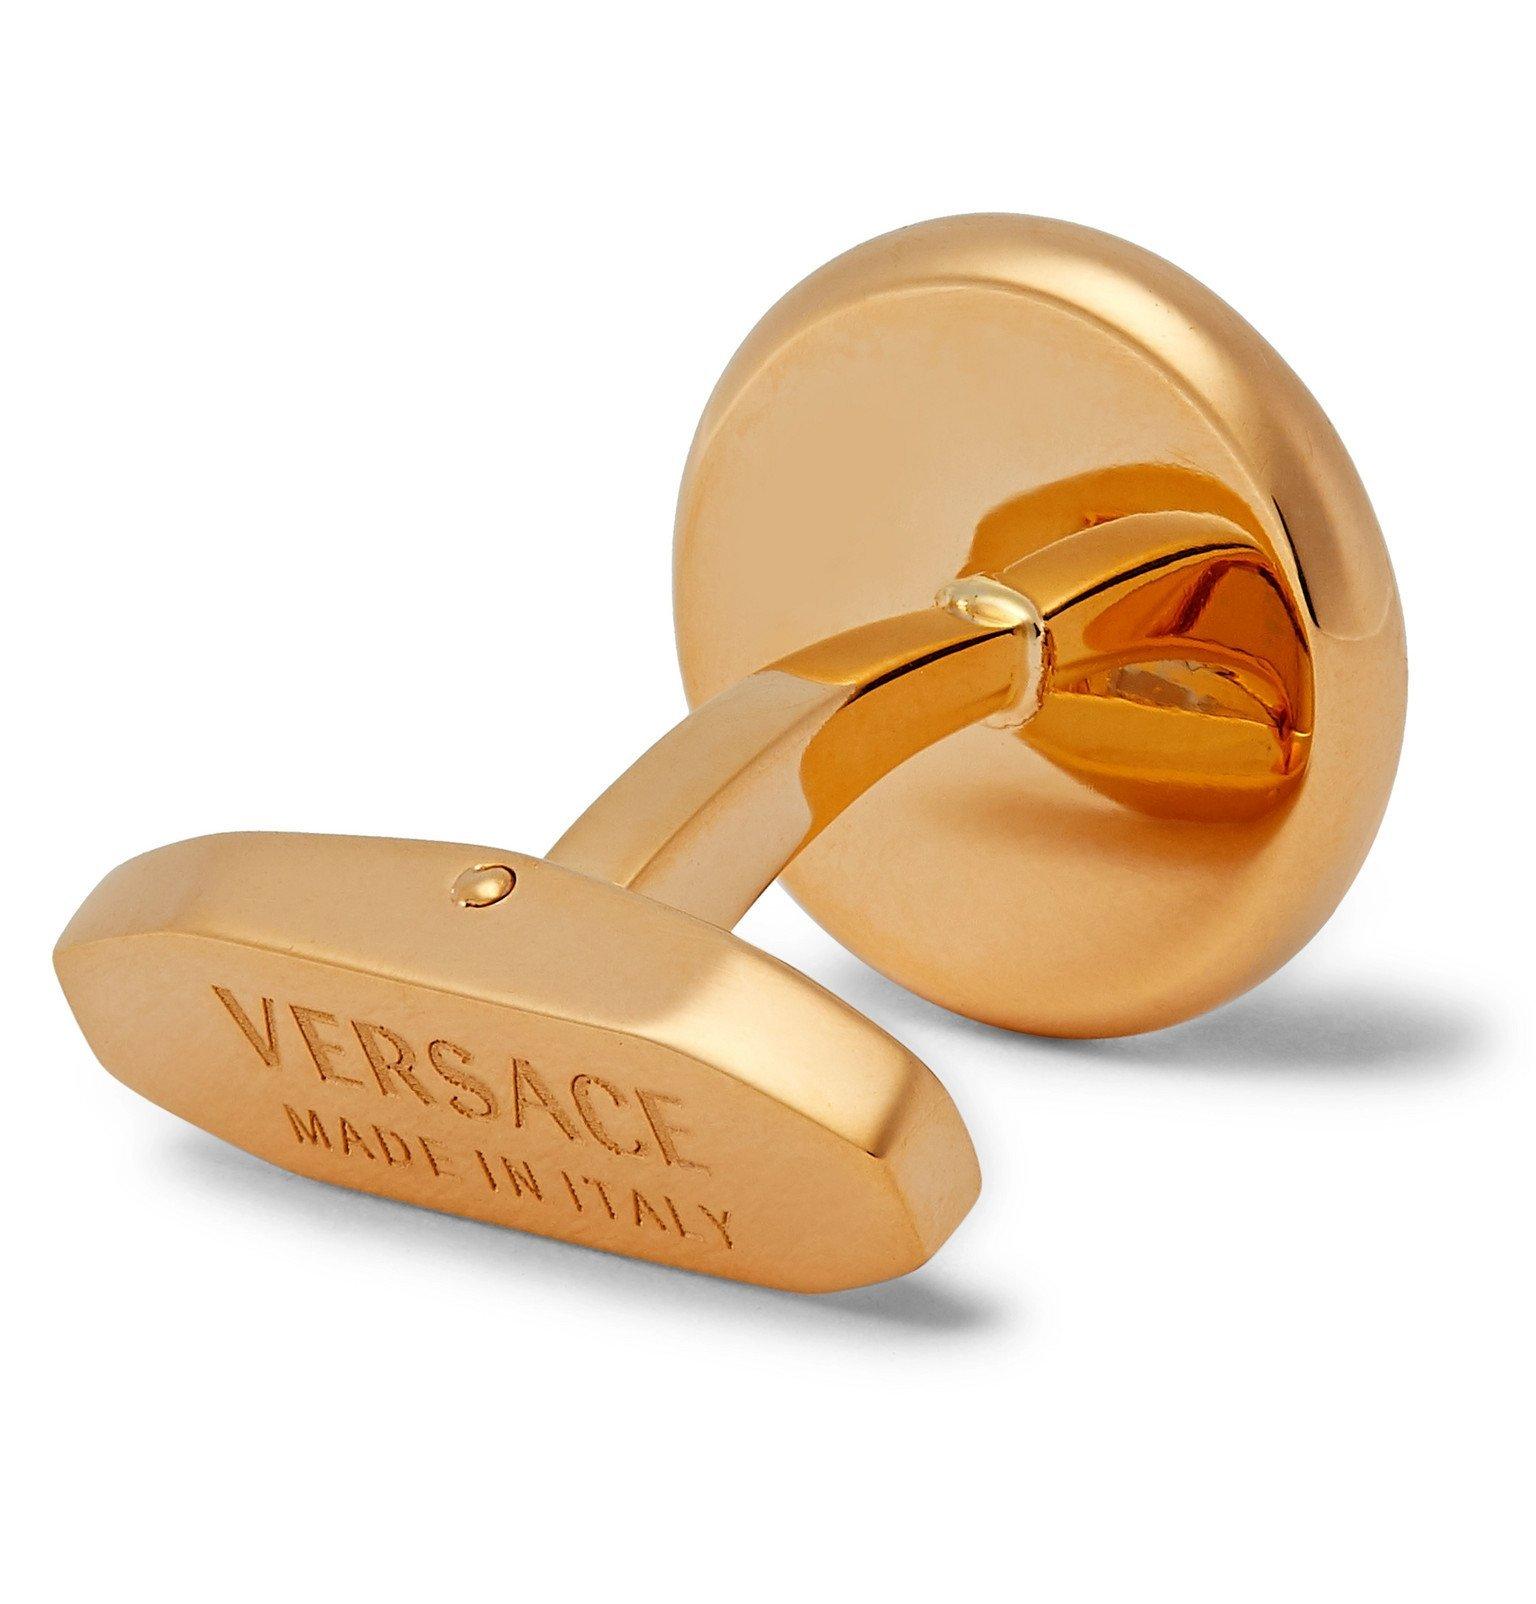 Versace - Gold-Tone Cufflinks - Gold